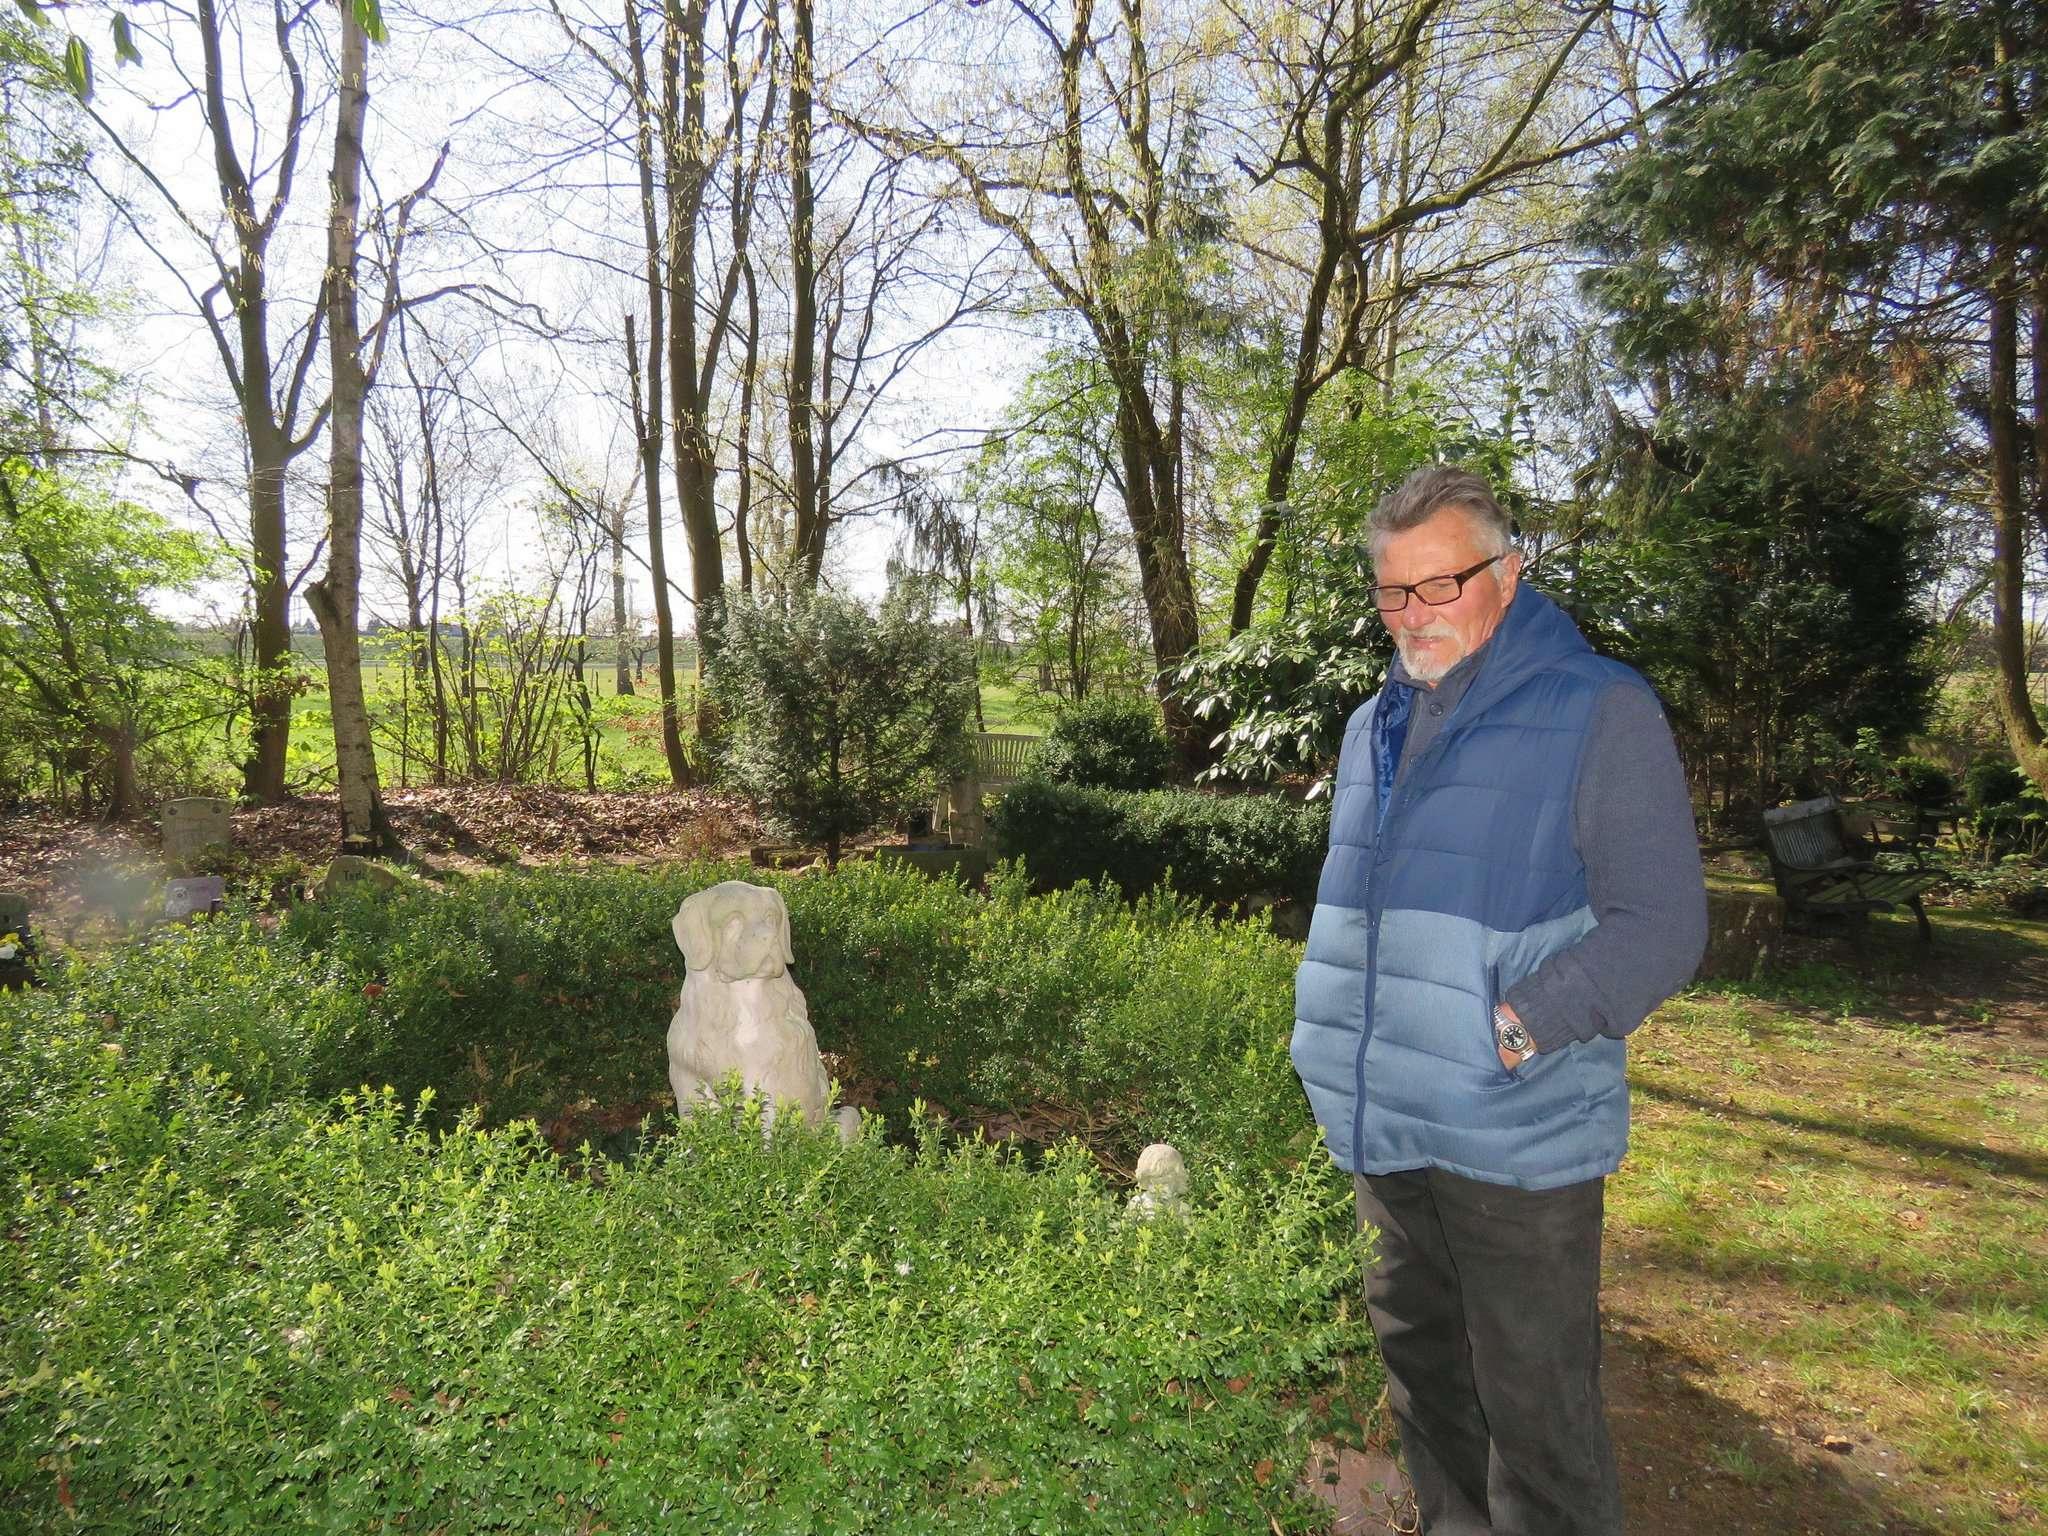 Im Mittelpunkt des Friedhofs ist ein Buchsrondell angelegt. In ihm thront ein mächtiger Bernhardiner aus Stein. Er steht für alle, die auf dem Oytener Tierfriedhof anonym beerdigt sind.